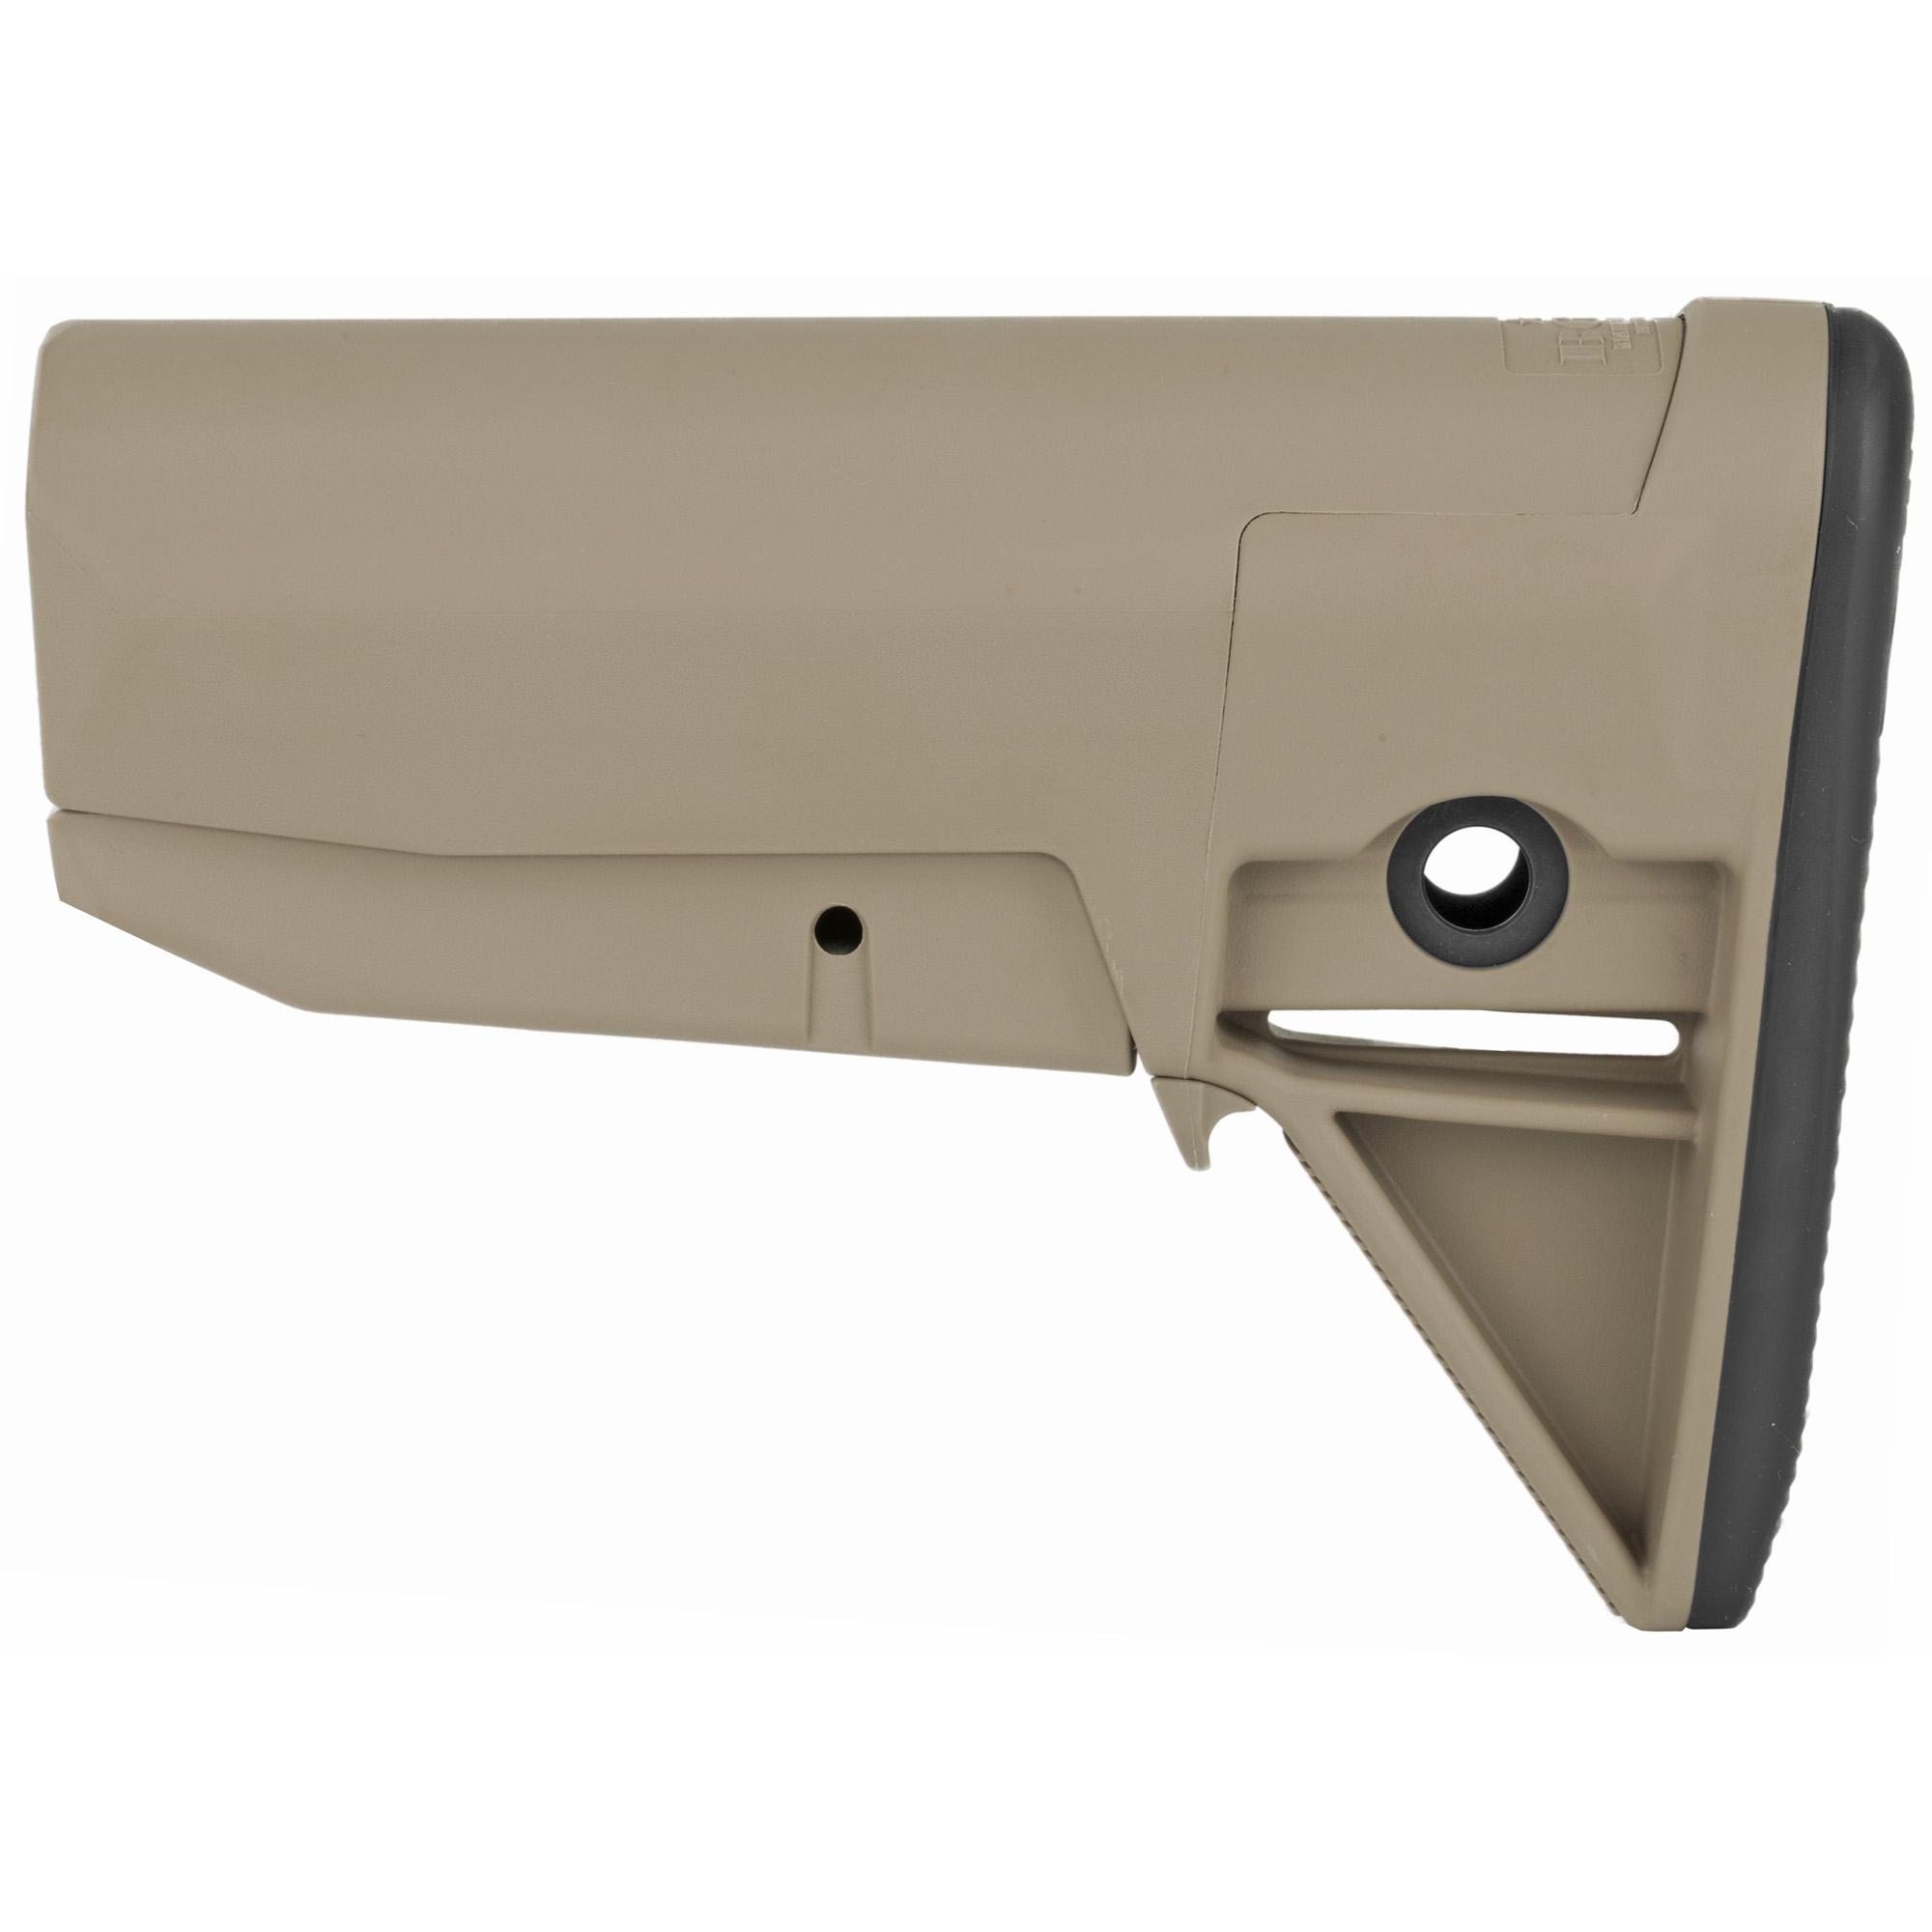 Bcm Gunfighter Stock Mod 0 Fde